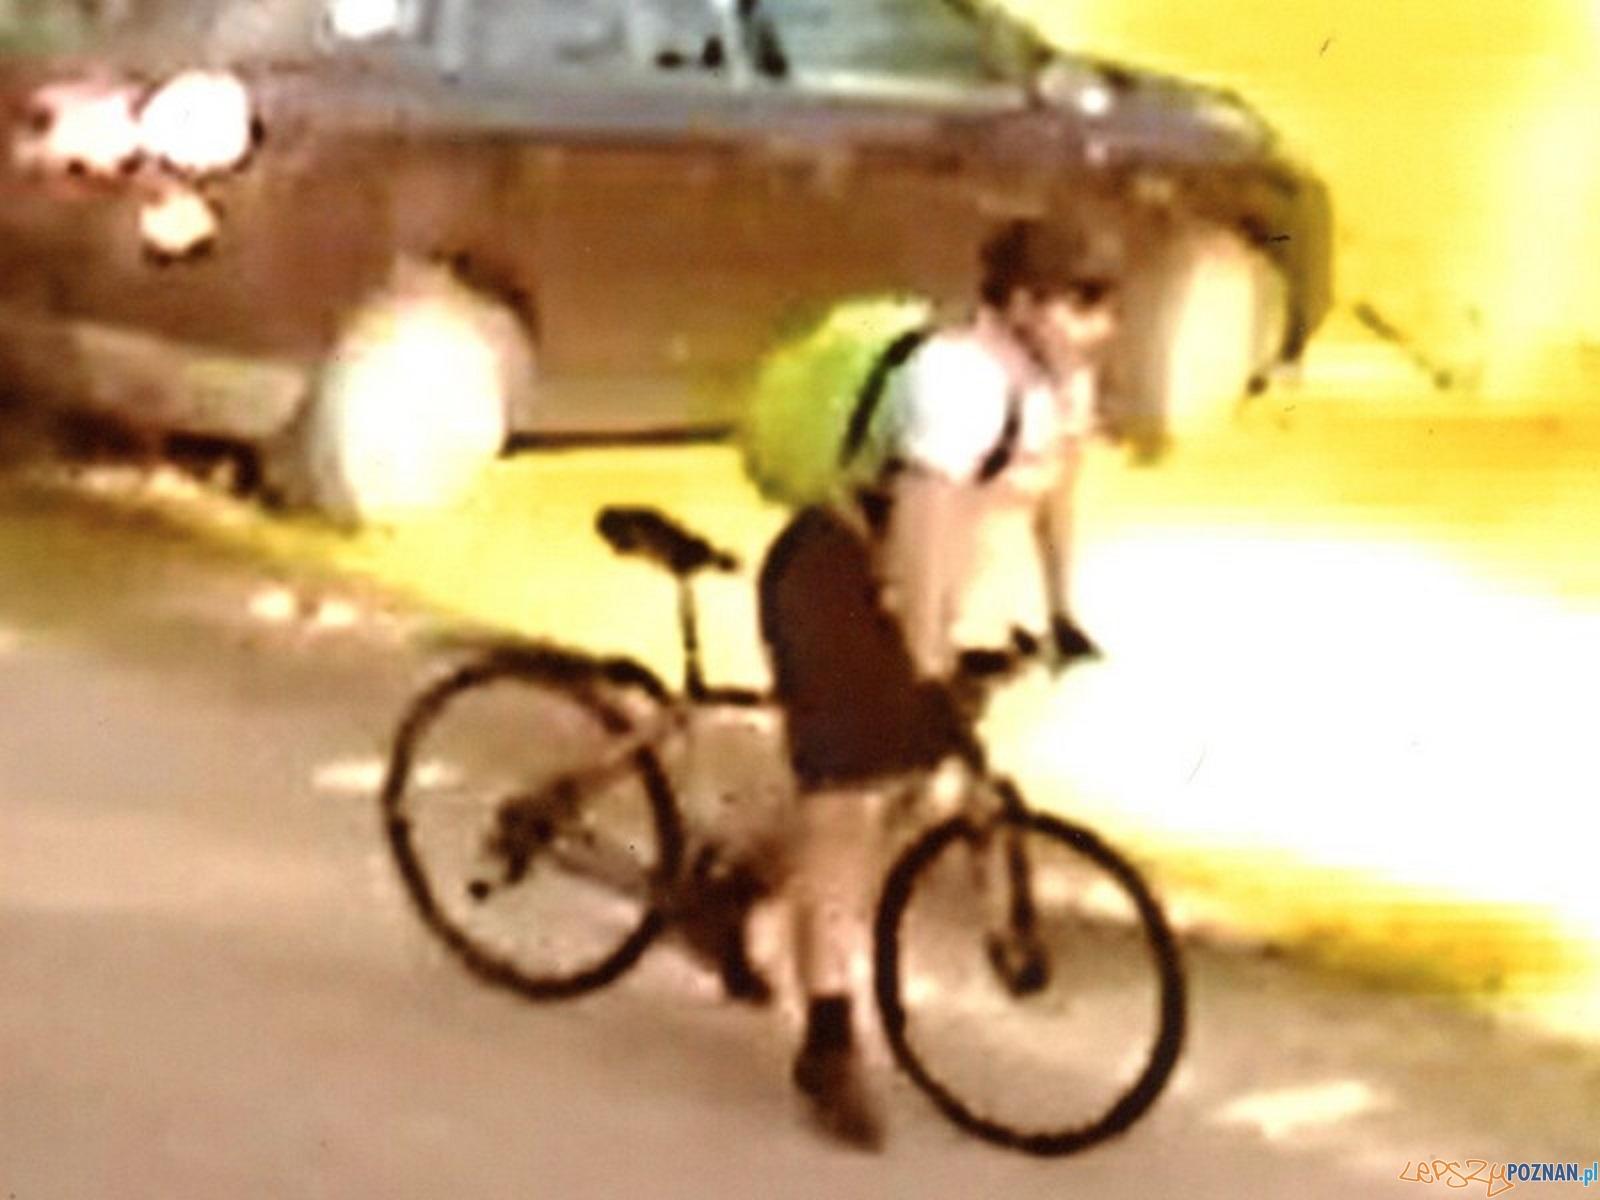 Poszukiwany rowerzysta  Foto: Policja KPPSM